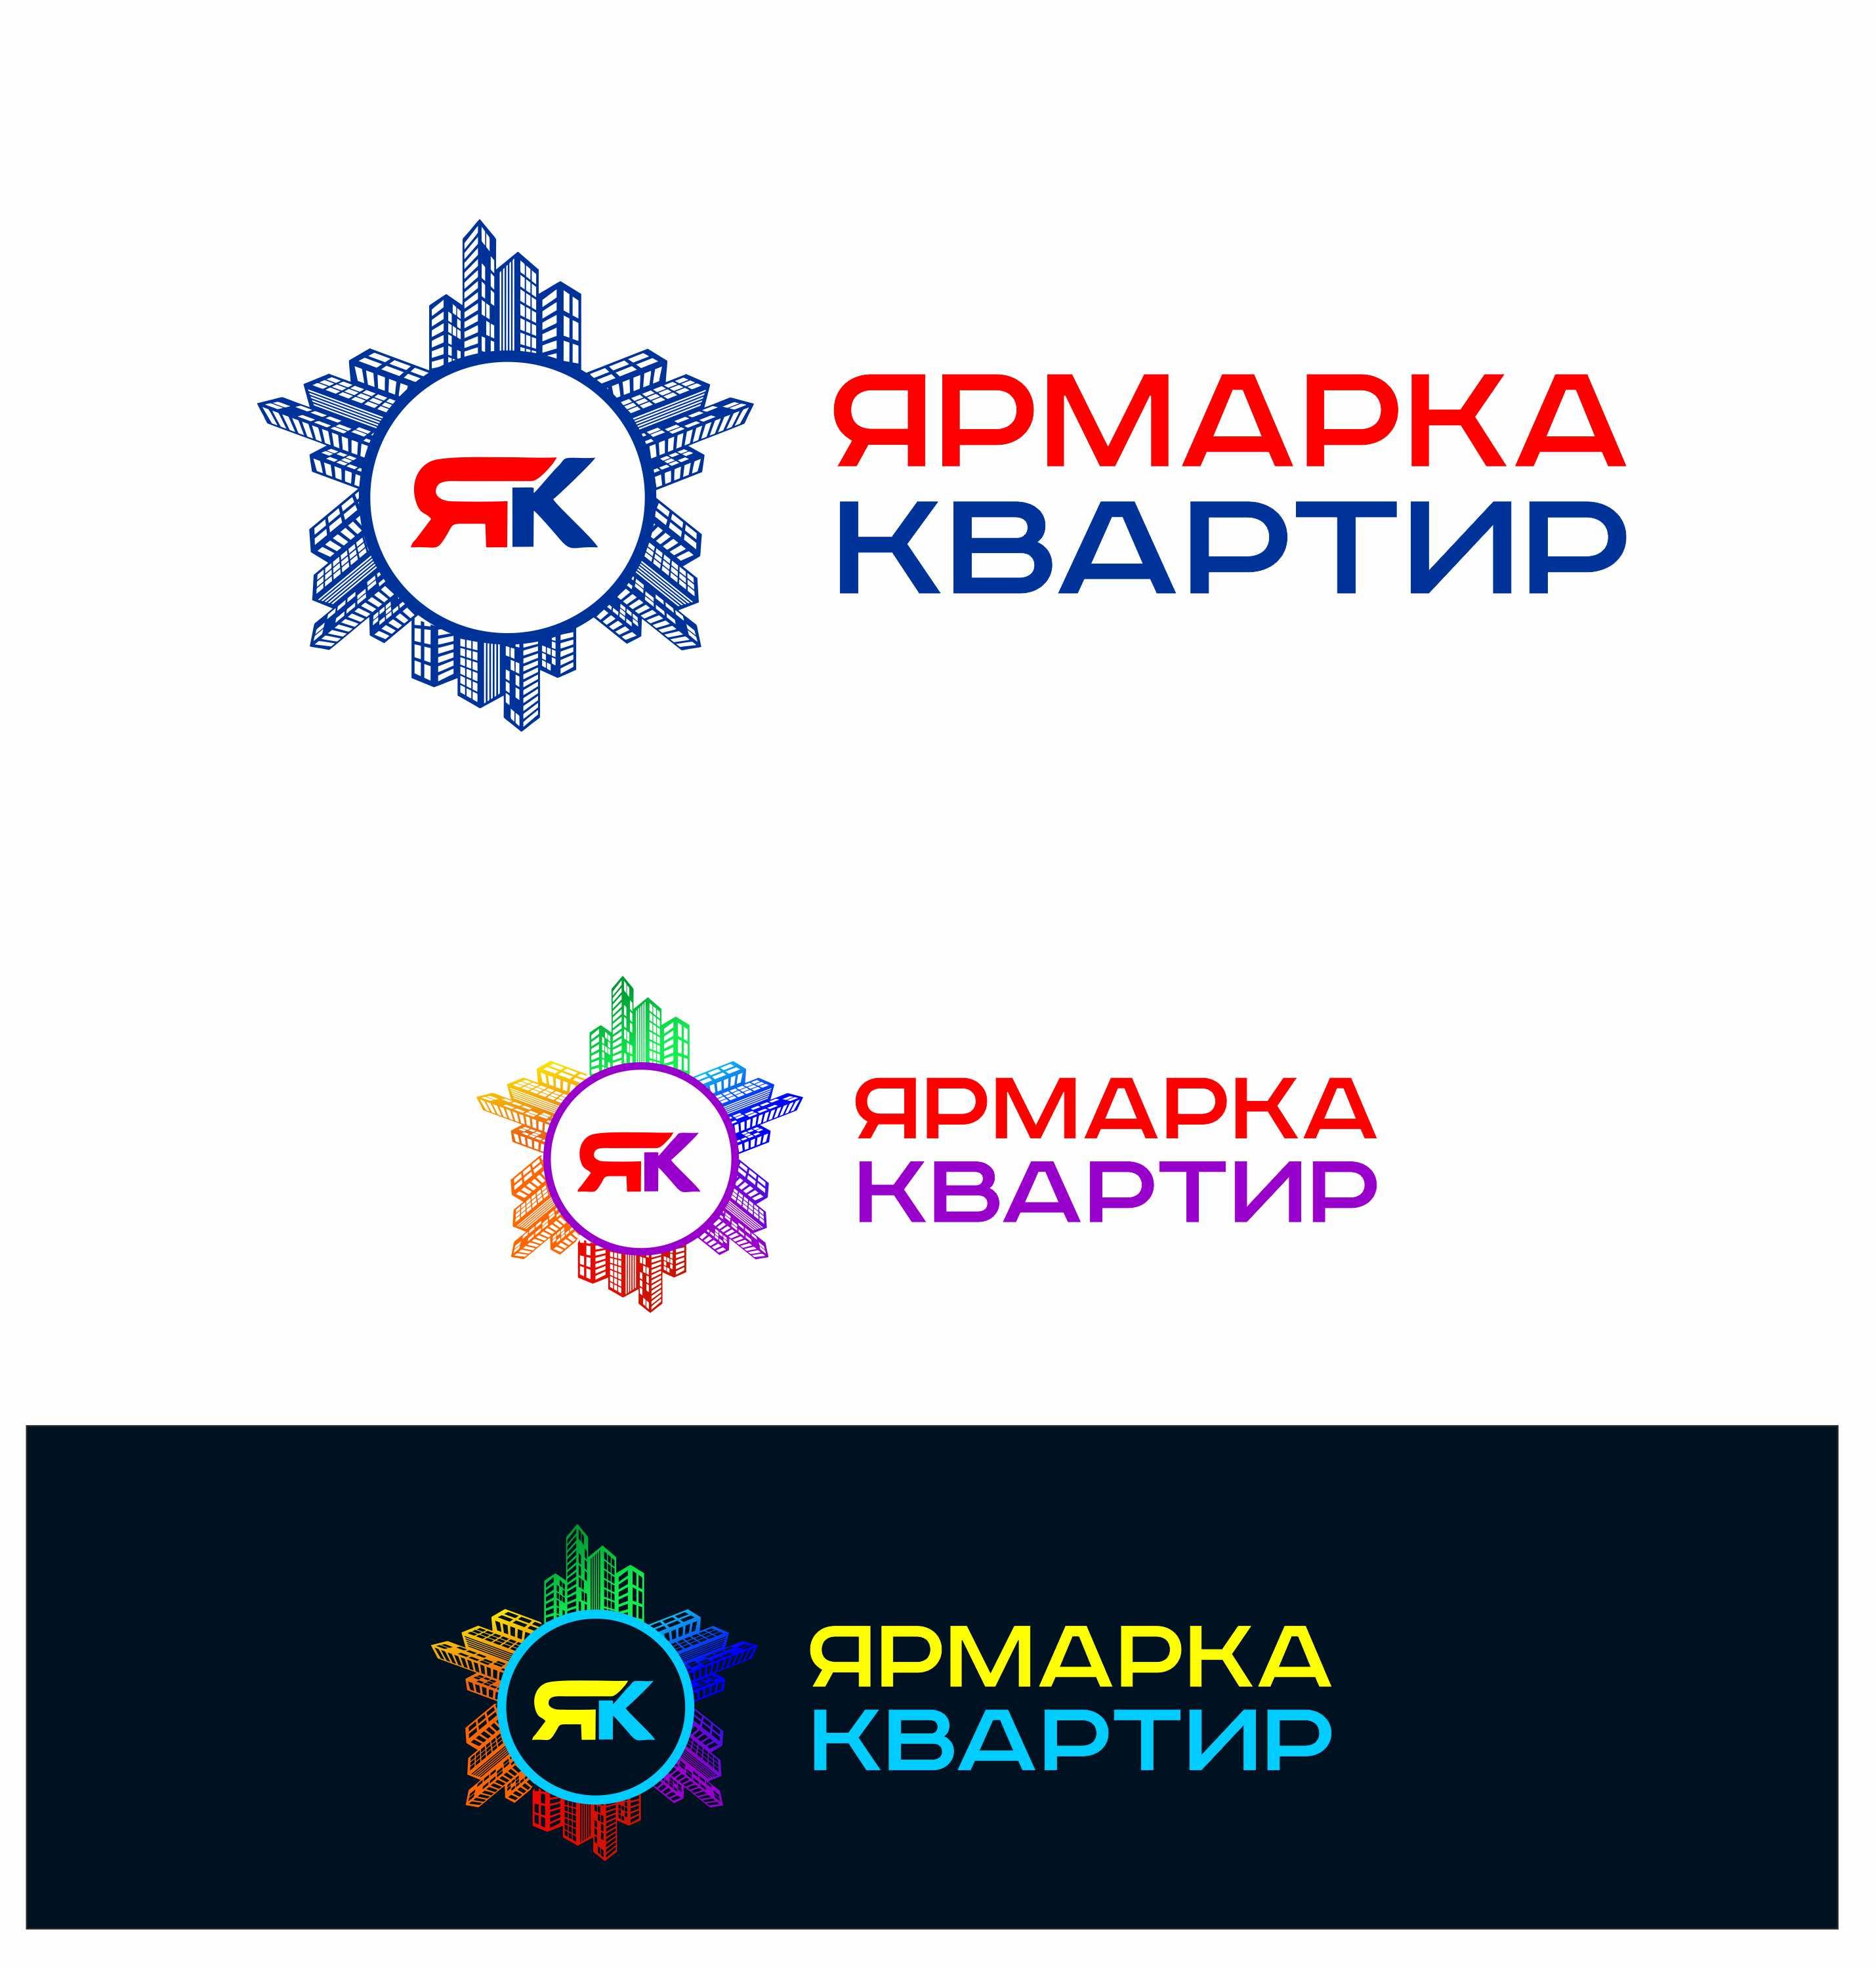 Создание логотипа, с вариантами для визитки и листовки фото f_166600538d75913d.jpg